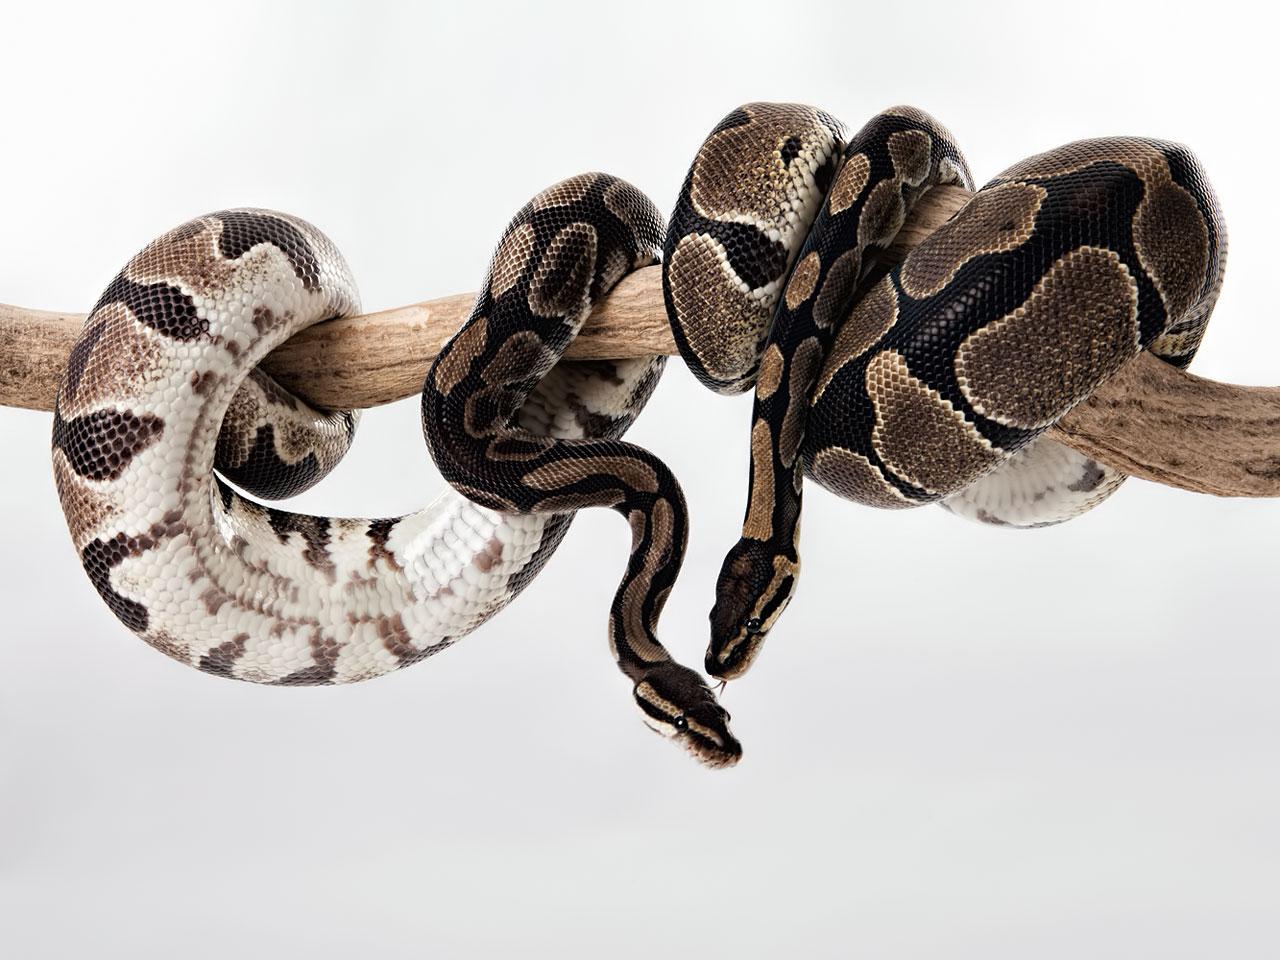 Königspythons (Python regius)